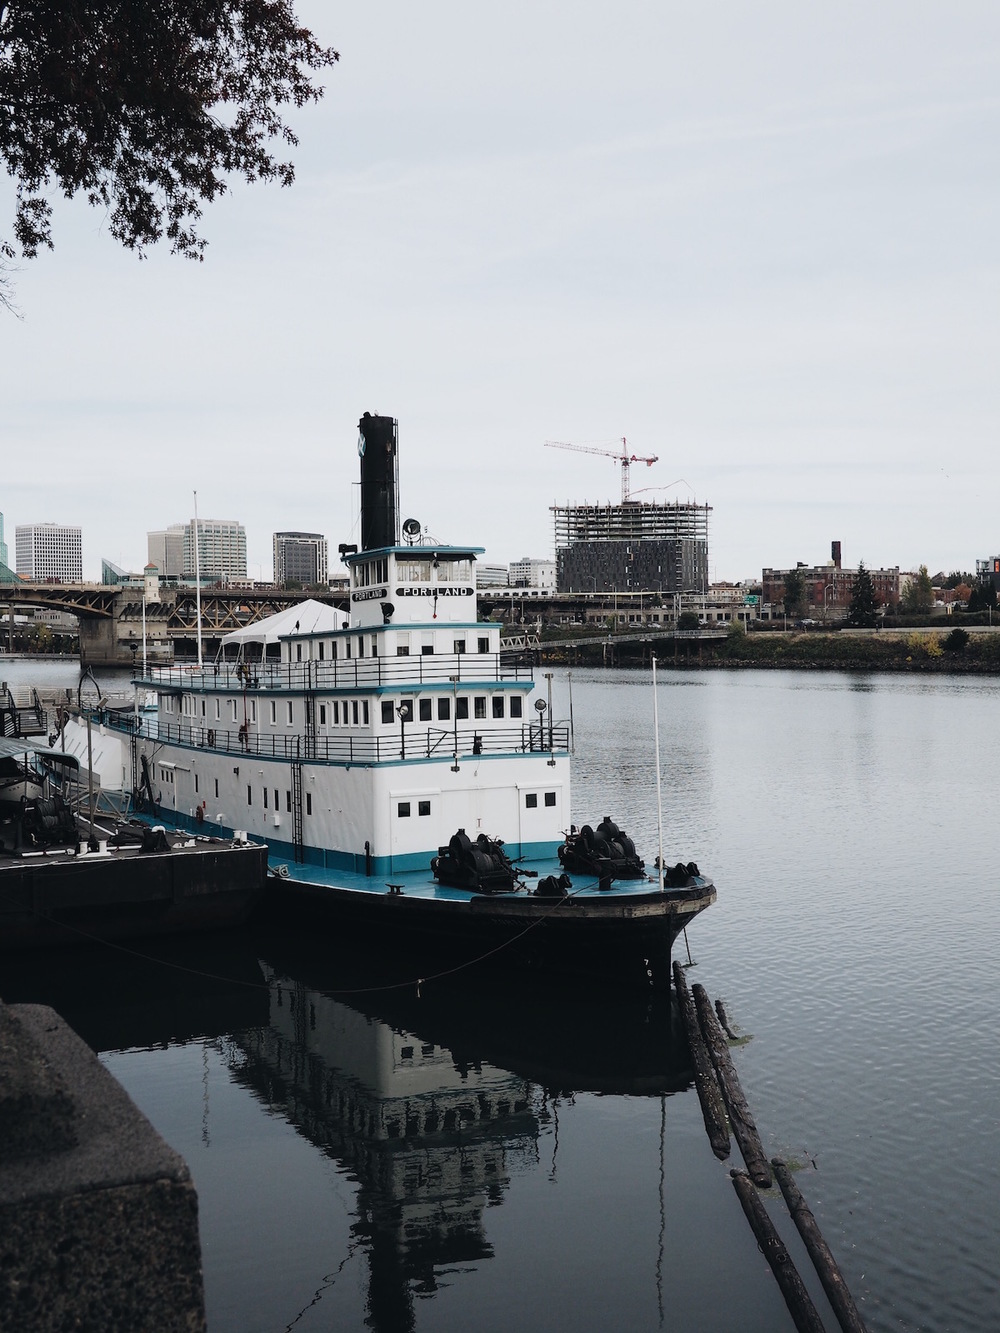 {Boat/museum.}